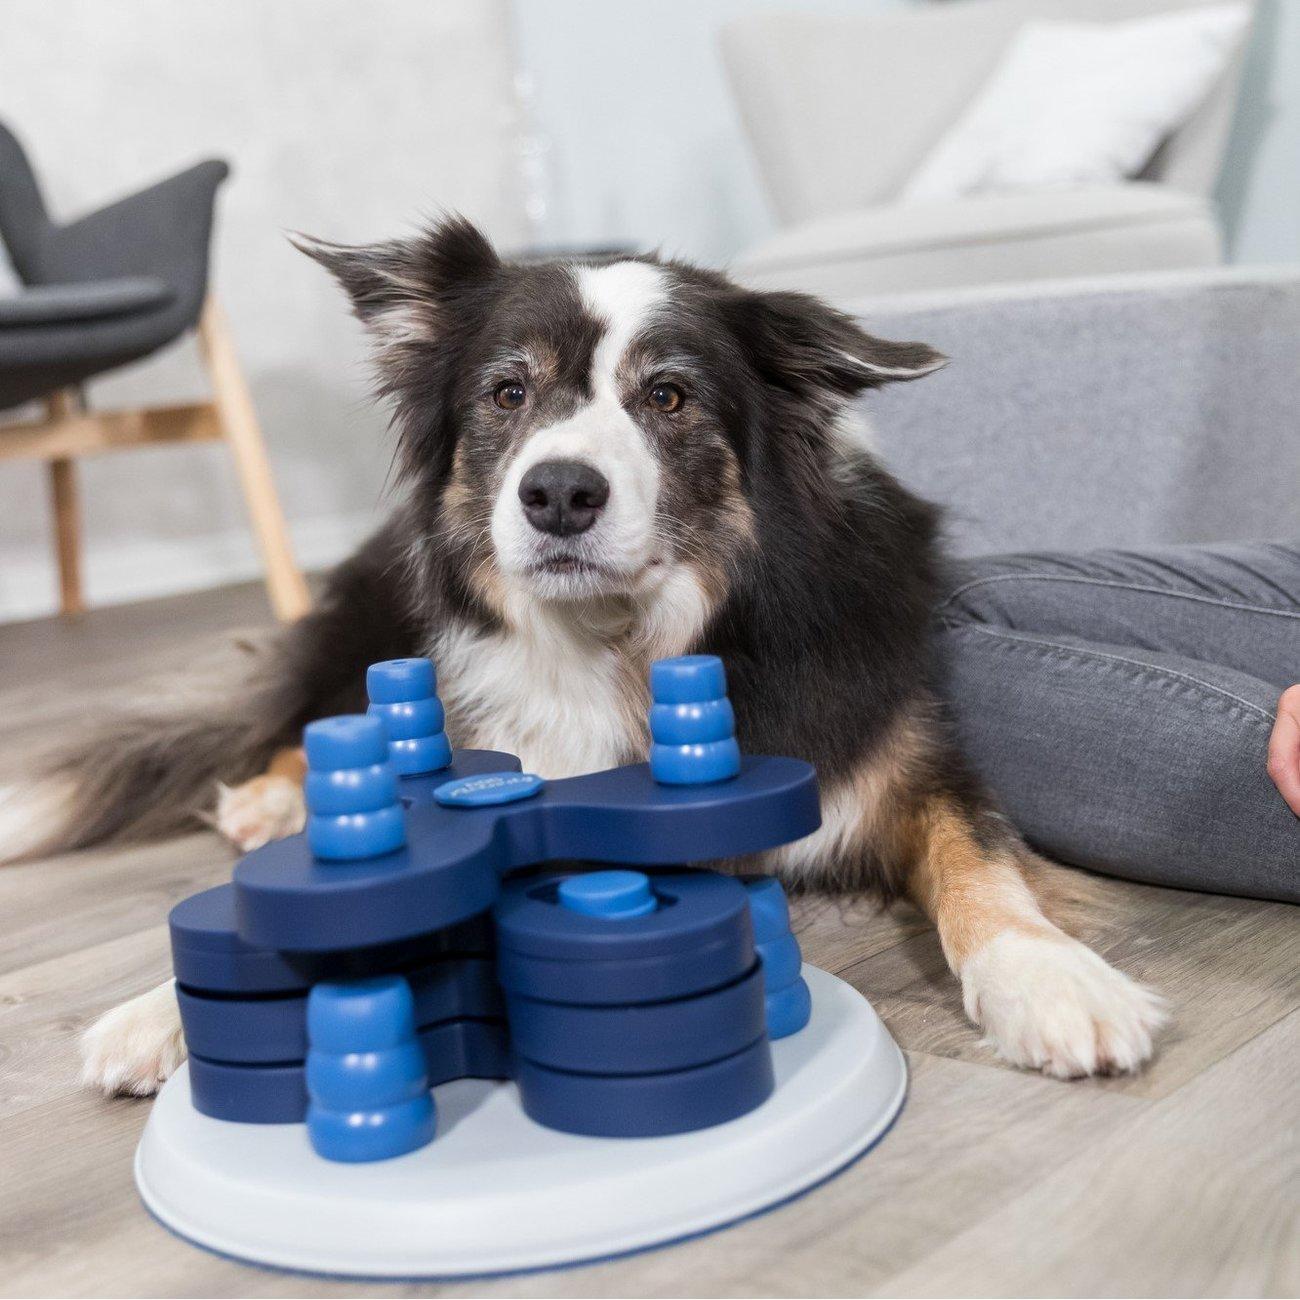 TRIXIE Hunde Strategiespiel Flower Tower 32000, Bild 6